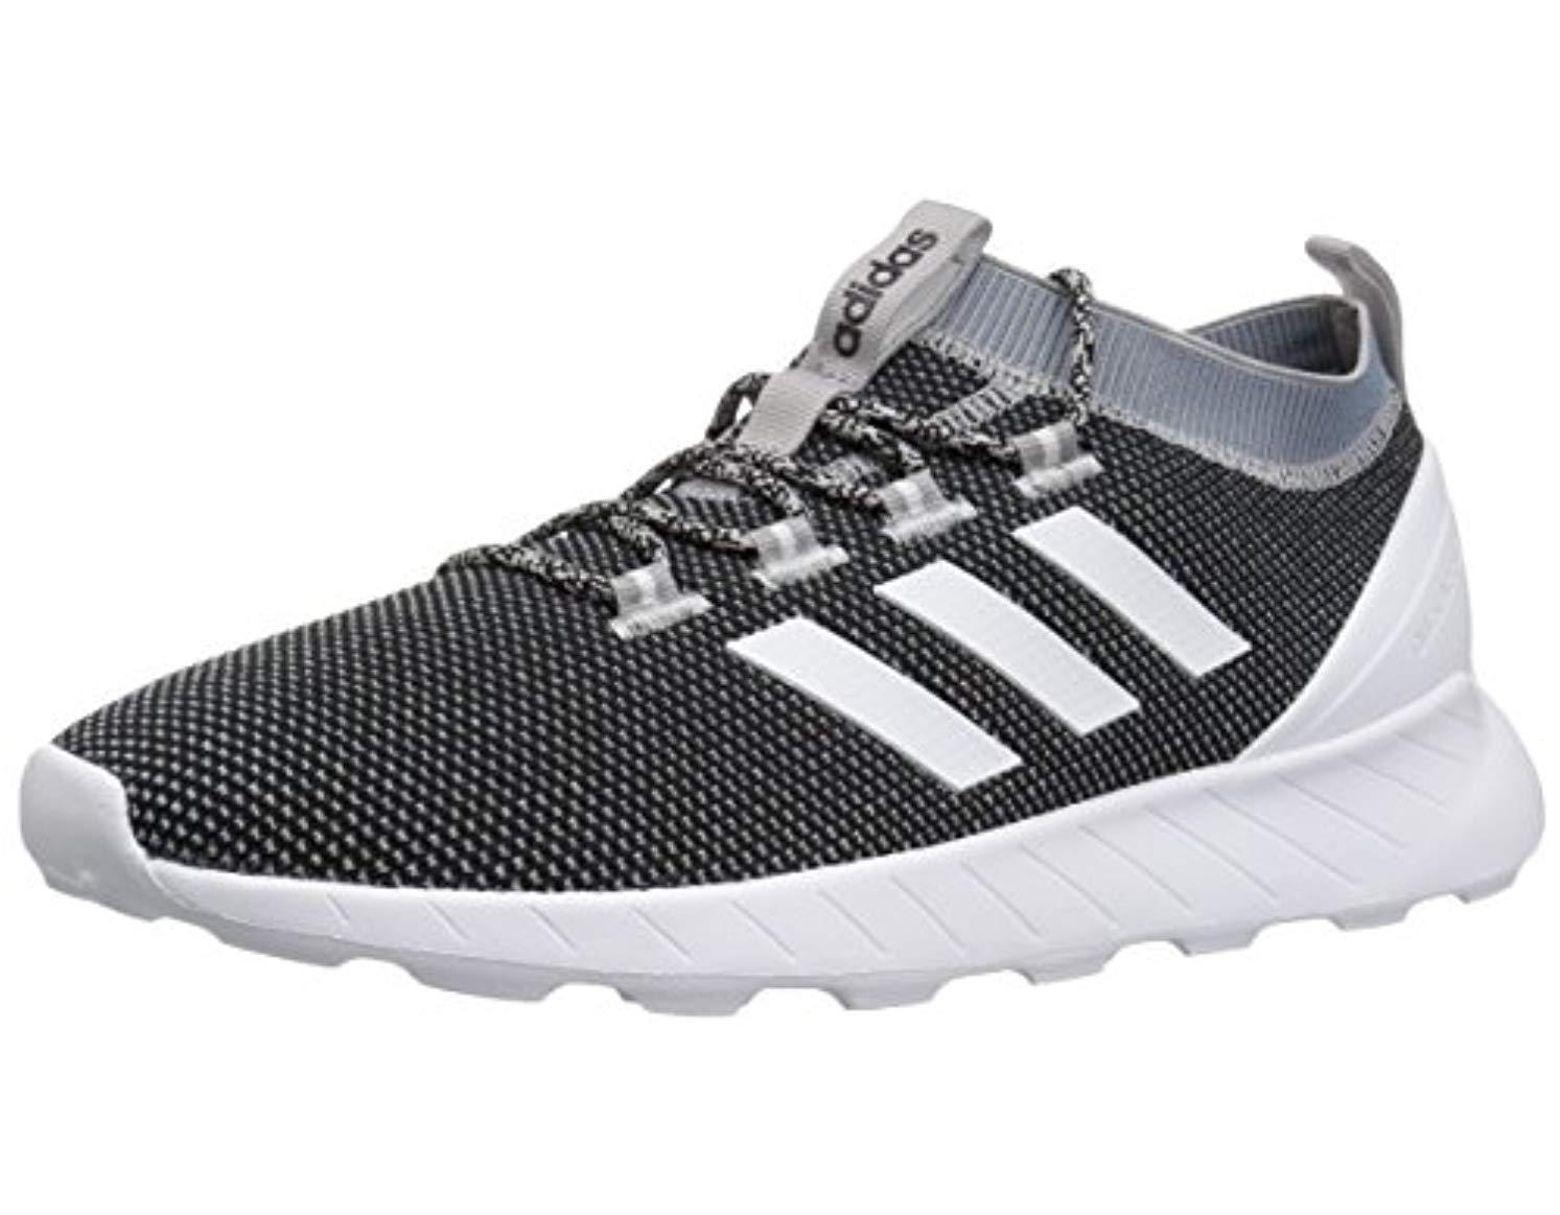 fbd02a02d8bd0 Men's Black Questar Rise Shoes